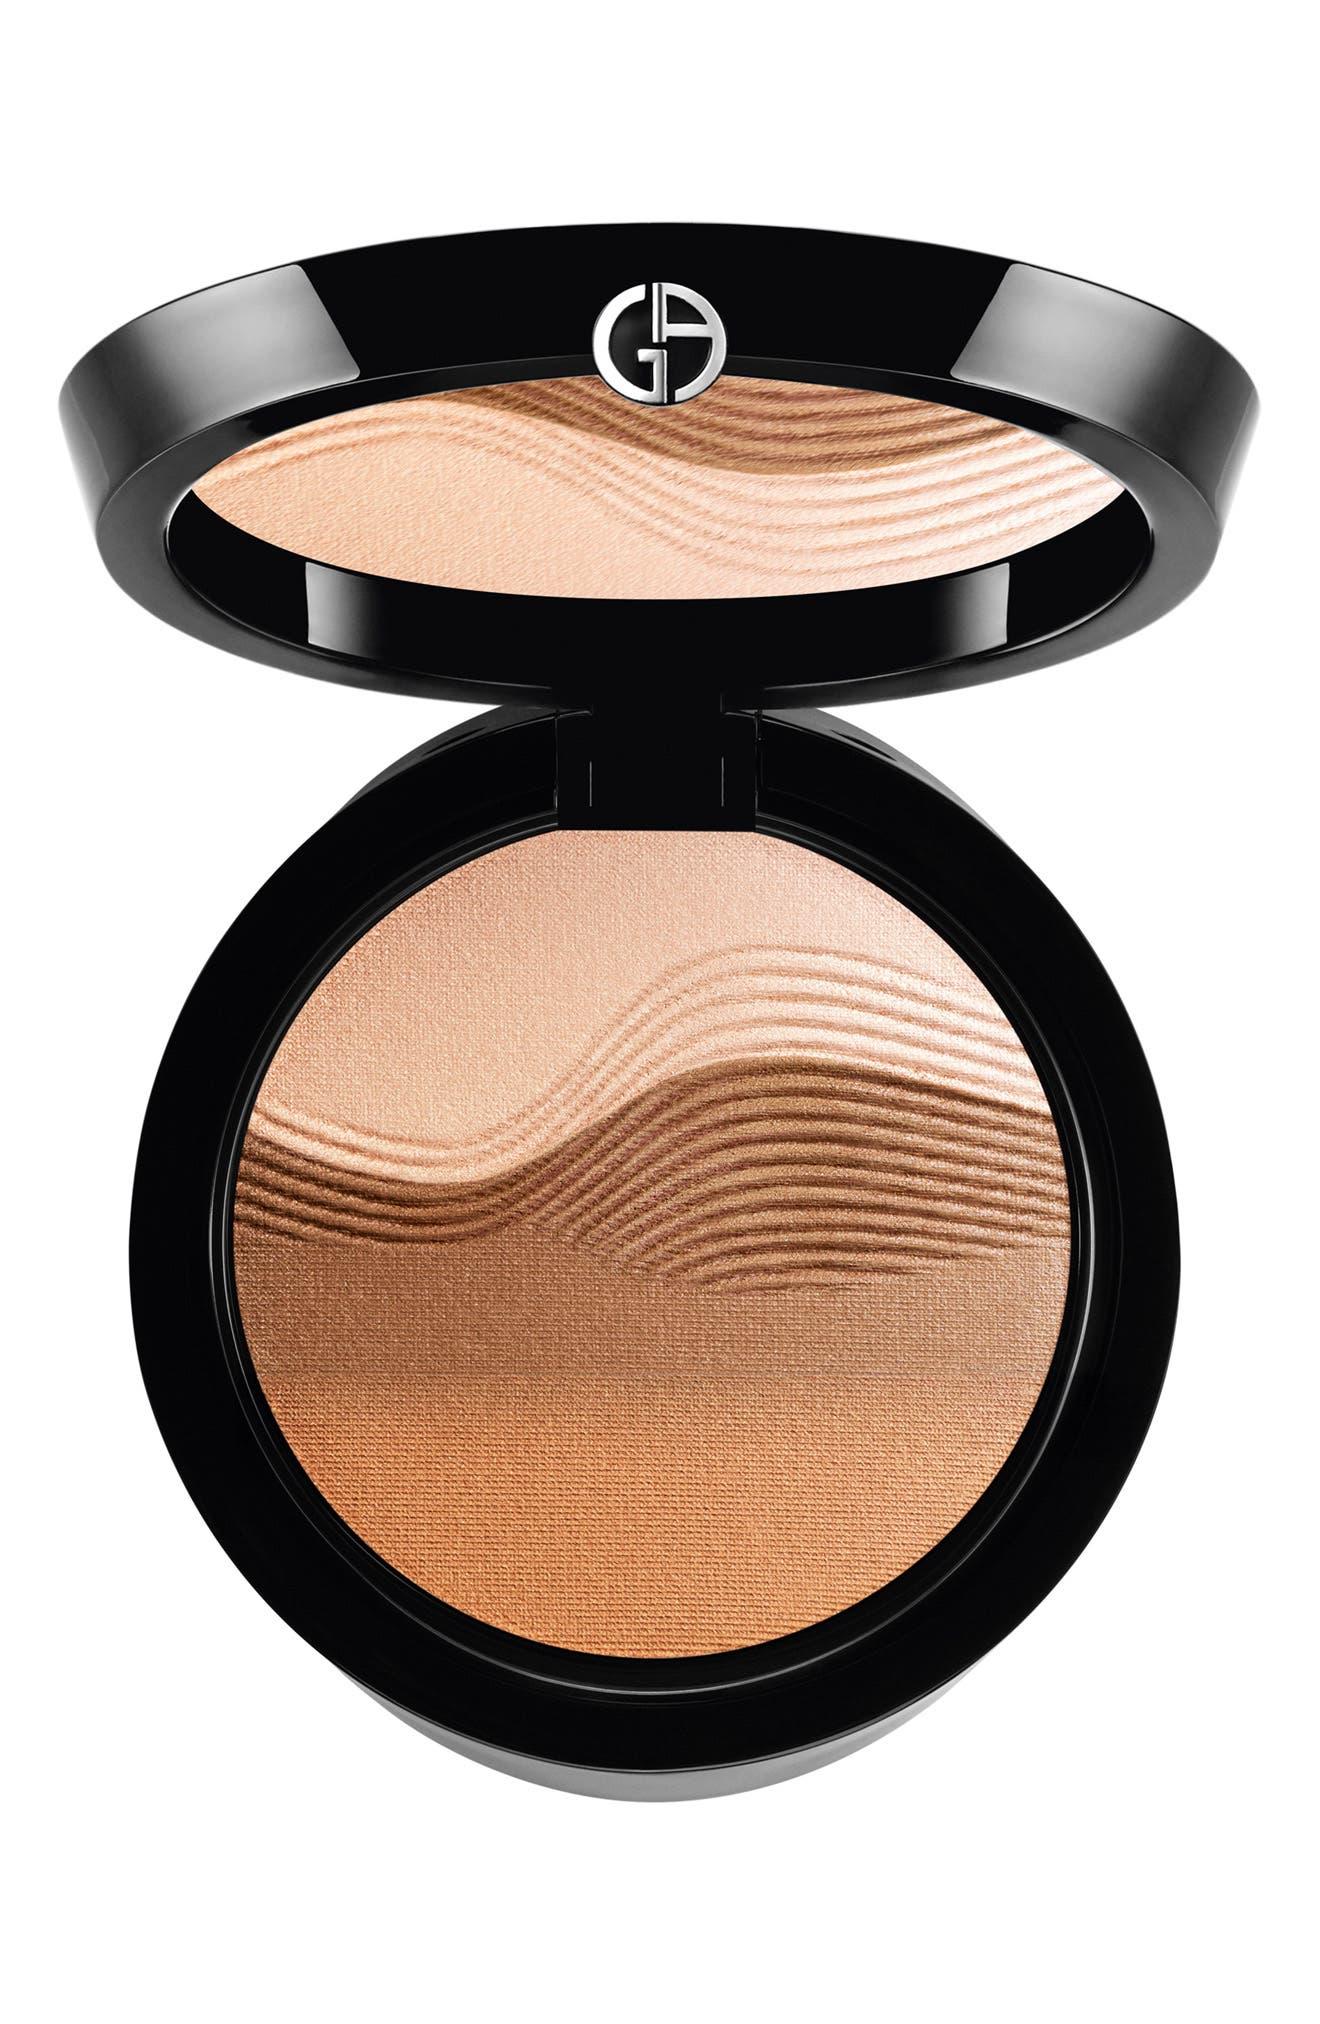 Giorgio Armani Life is a Cruise Sunrise Bronzing Face Palette